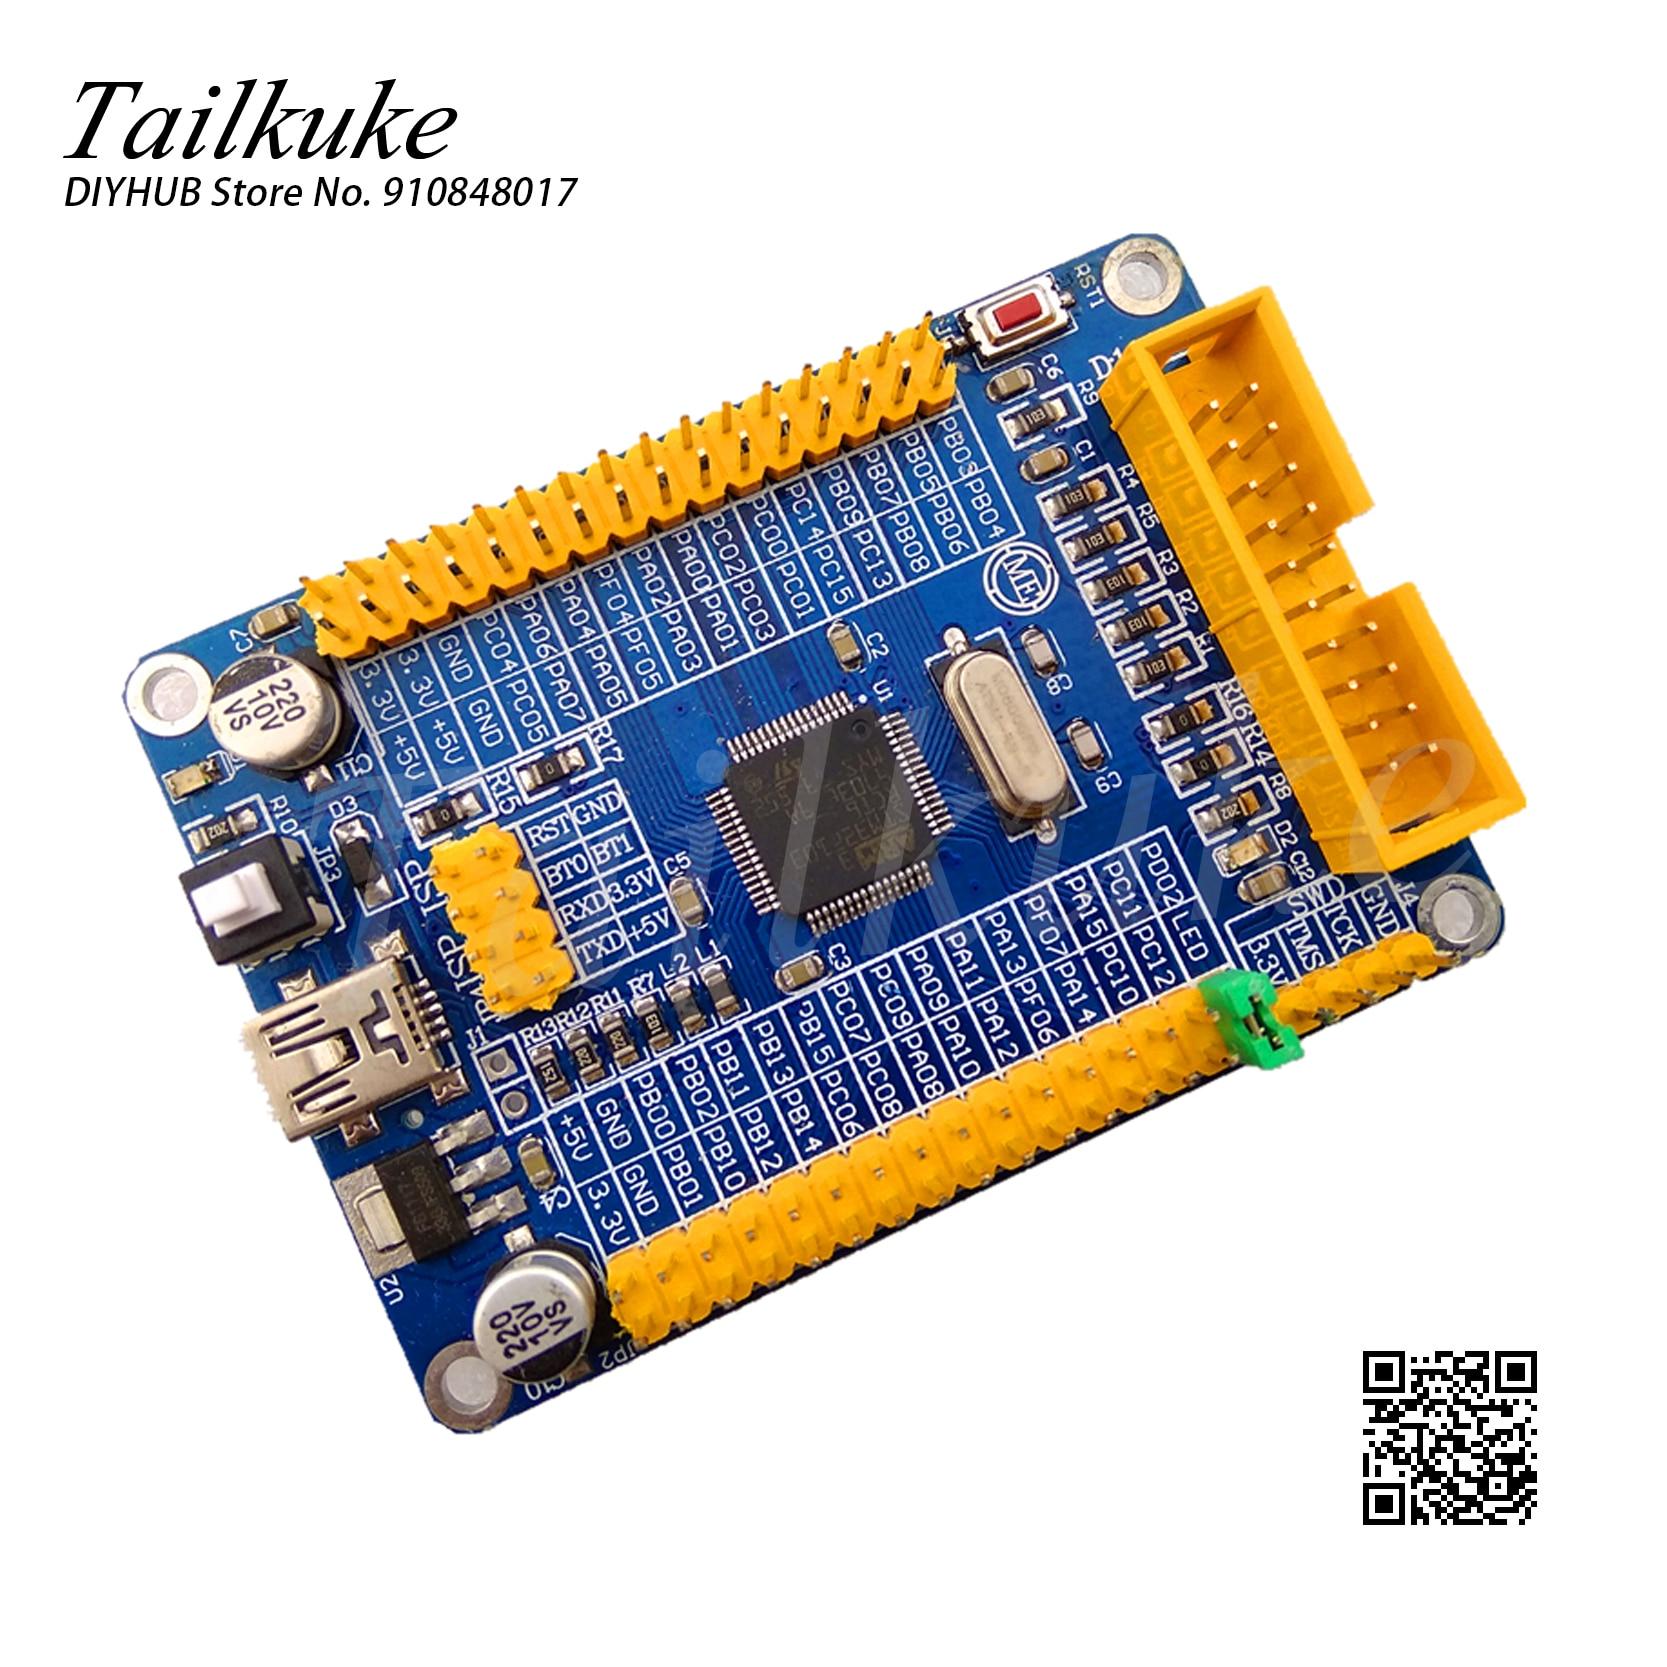 STM32F103RCT6 مجلس تطوير نظام صغير رقاقة واحدة الحواسيب الصغيرة USB GPIO TTL